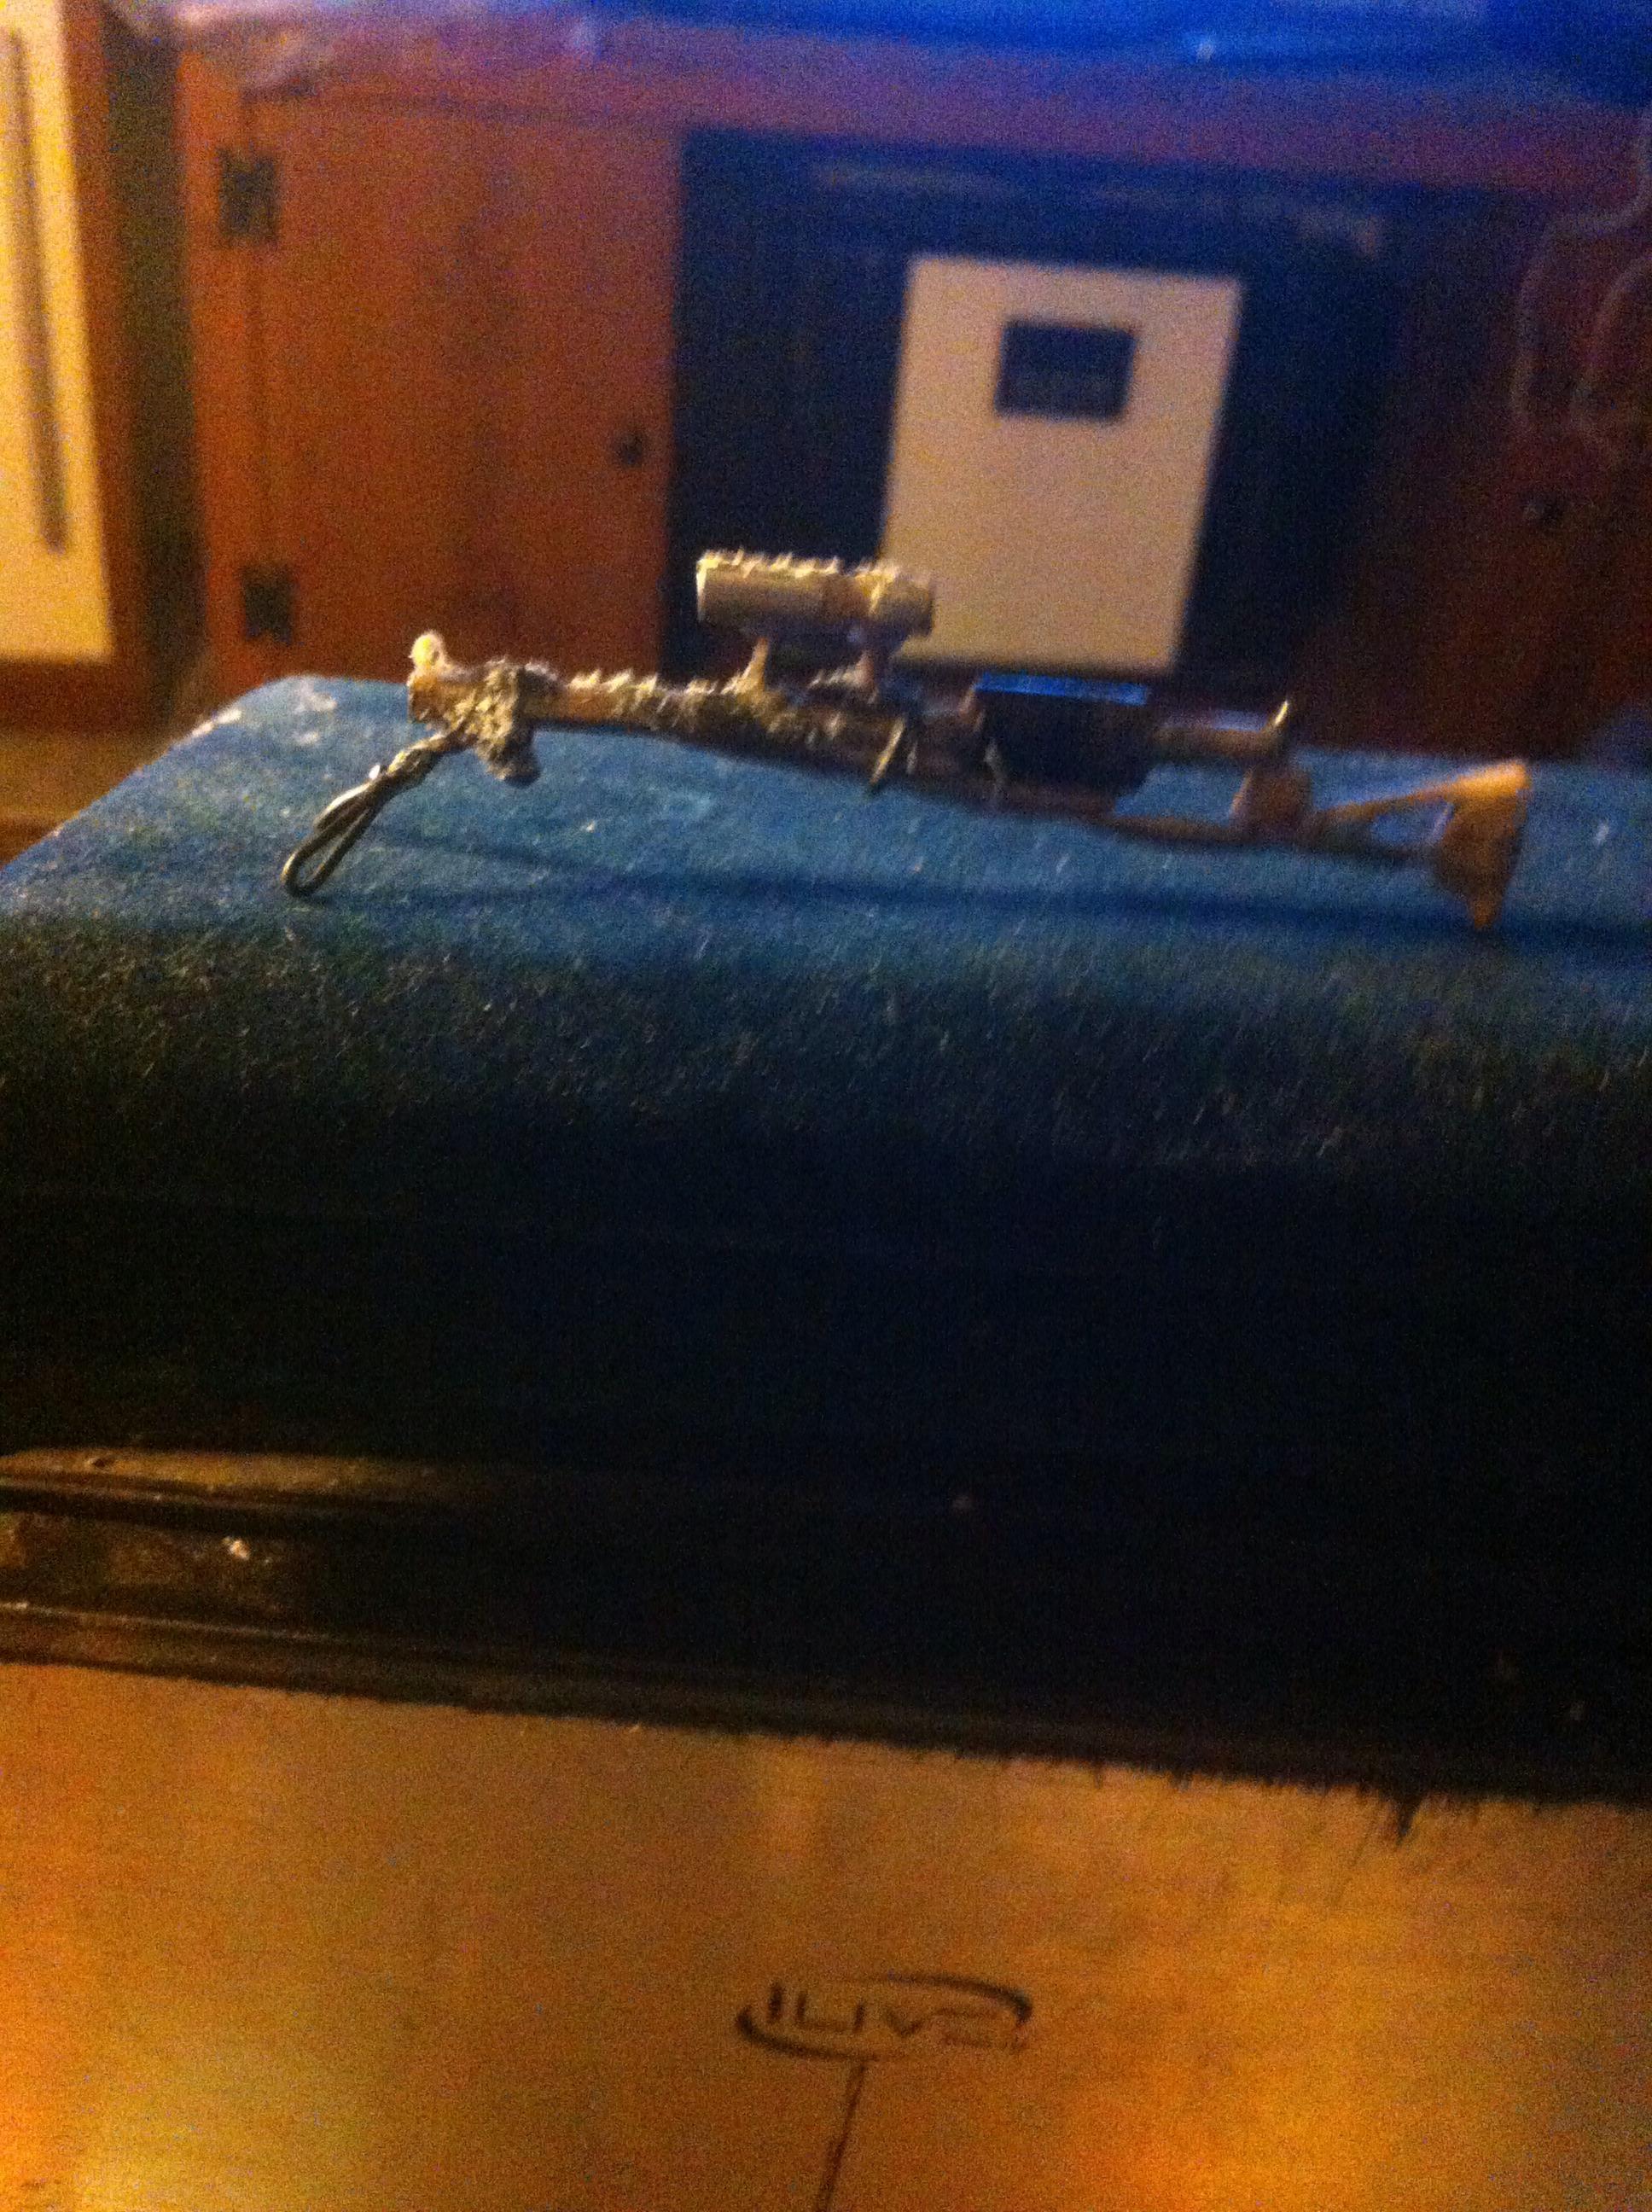 Picture of Mini Sniper Rifle